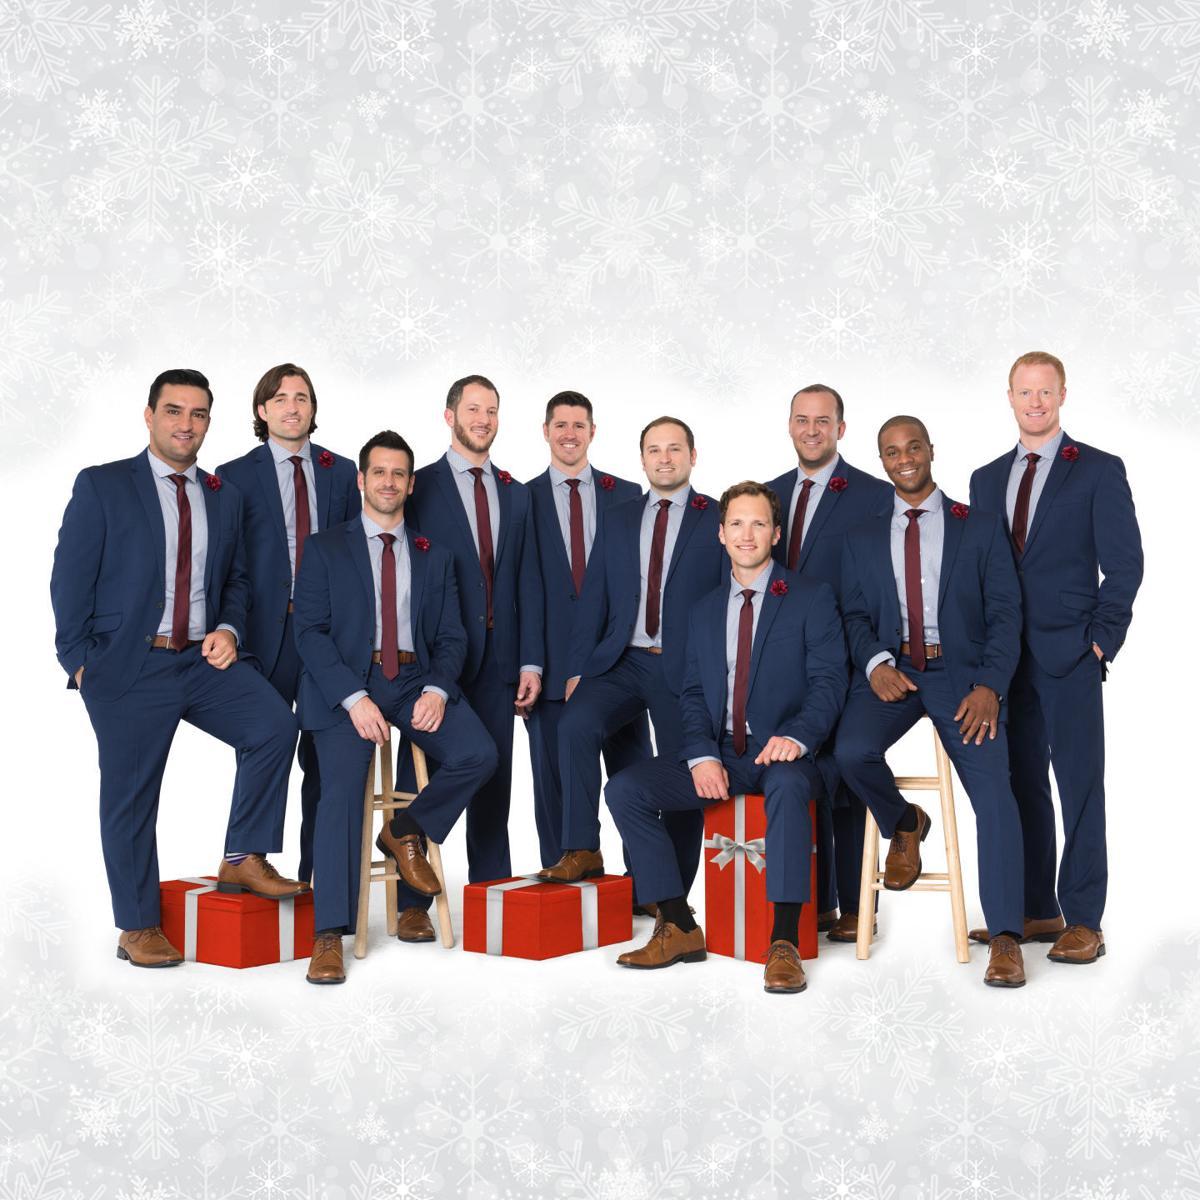 10 men a-singing